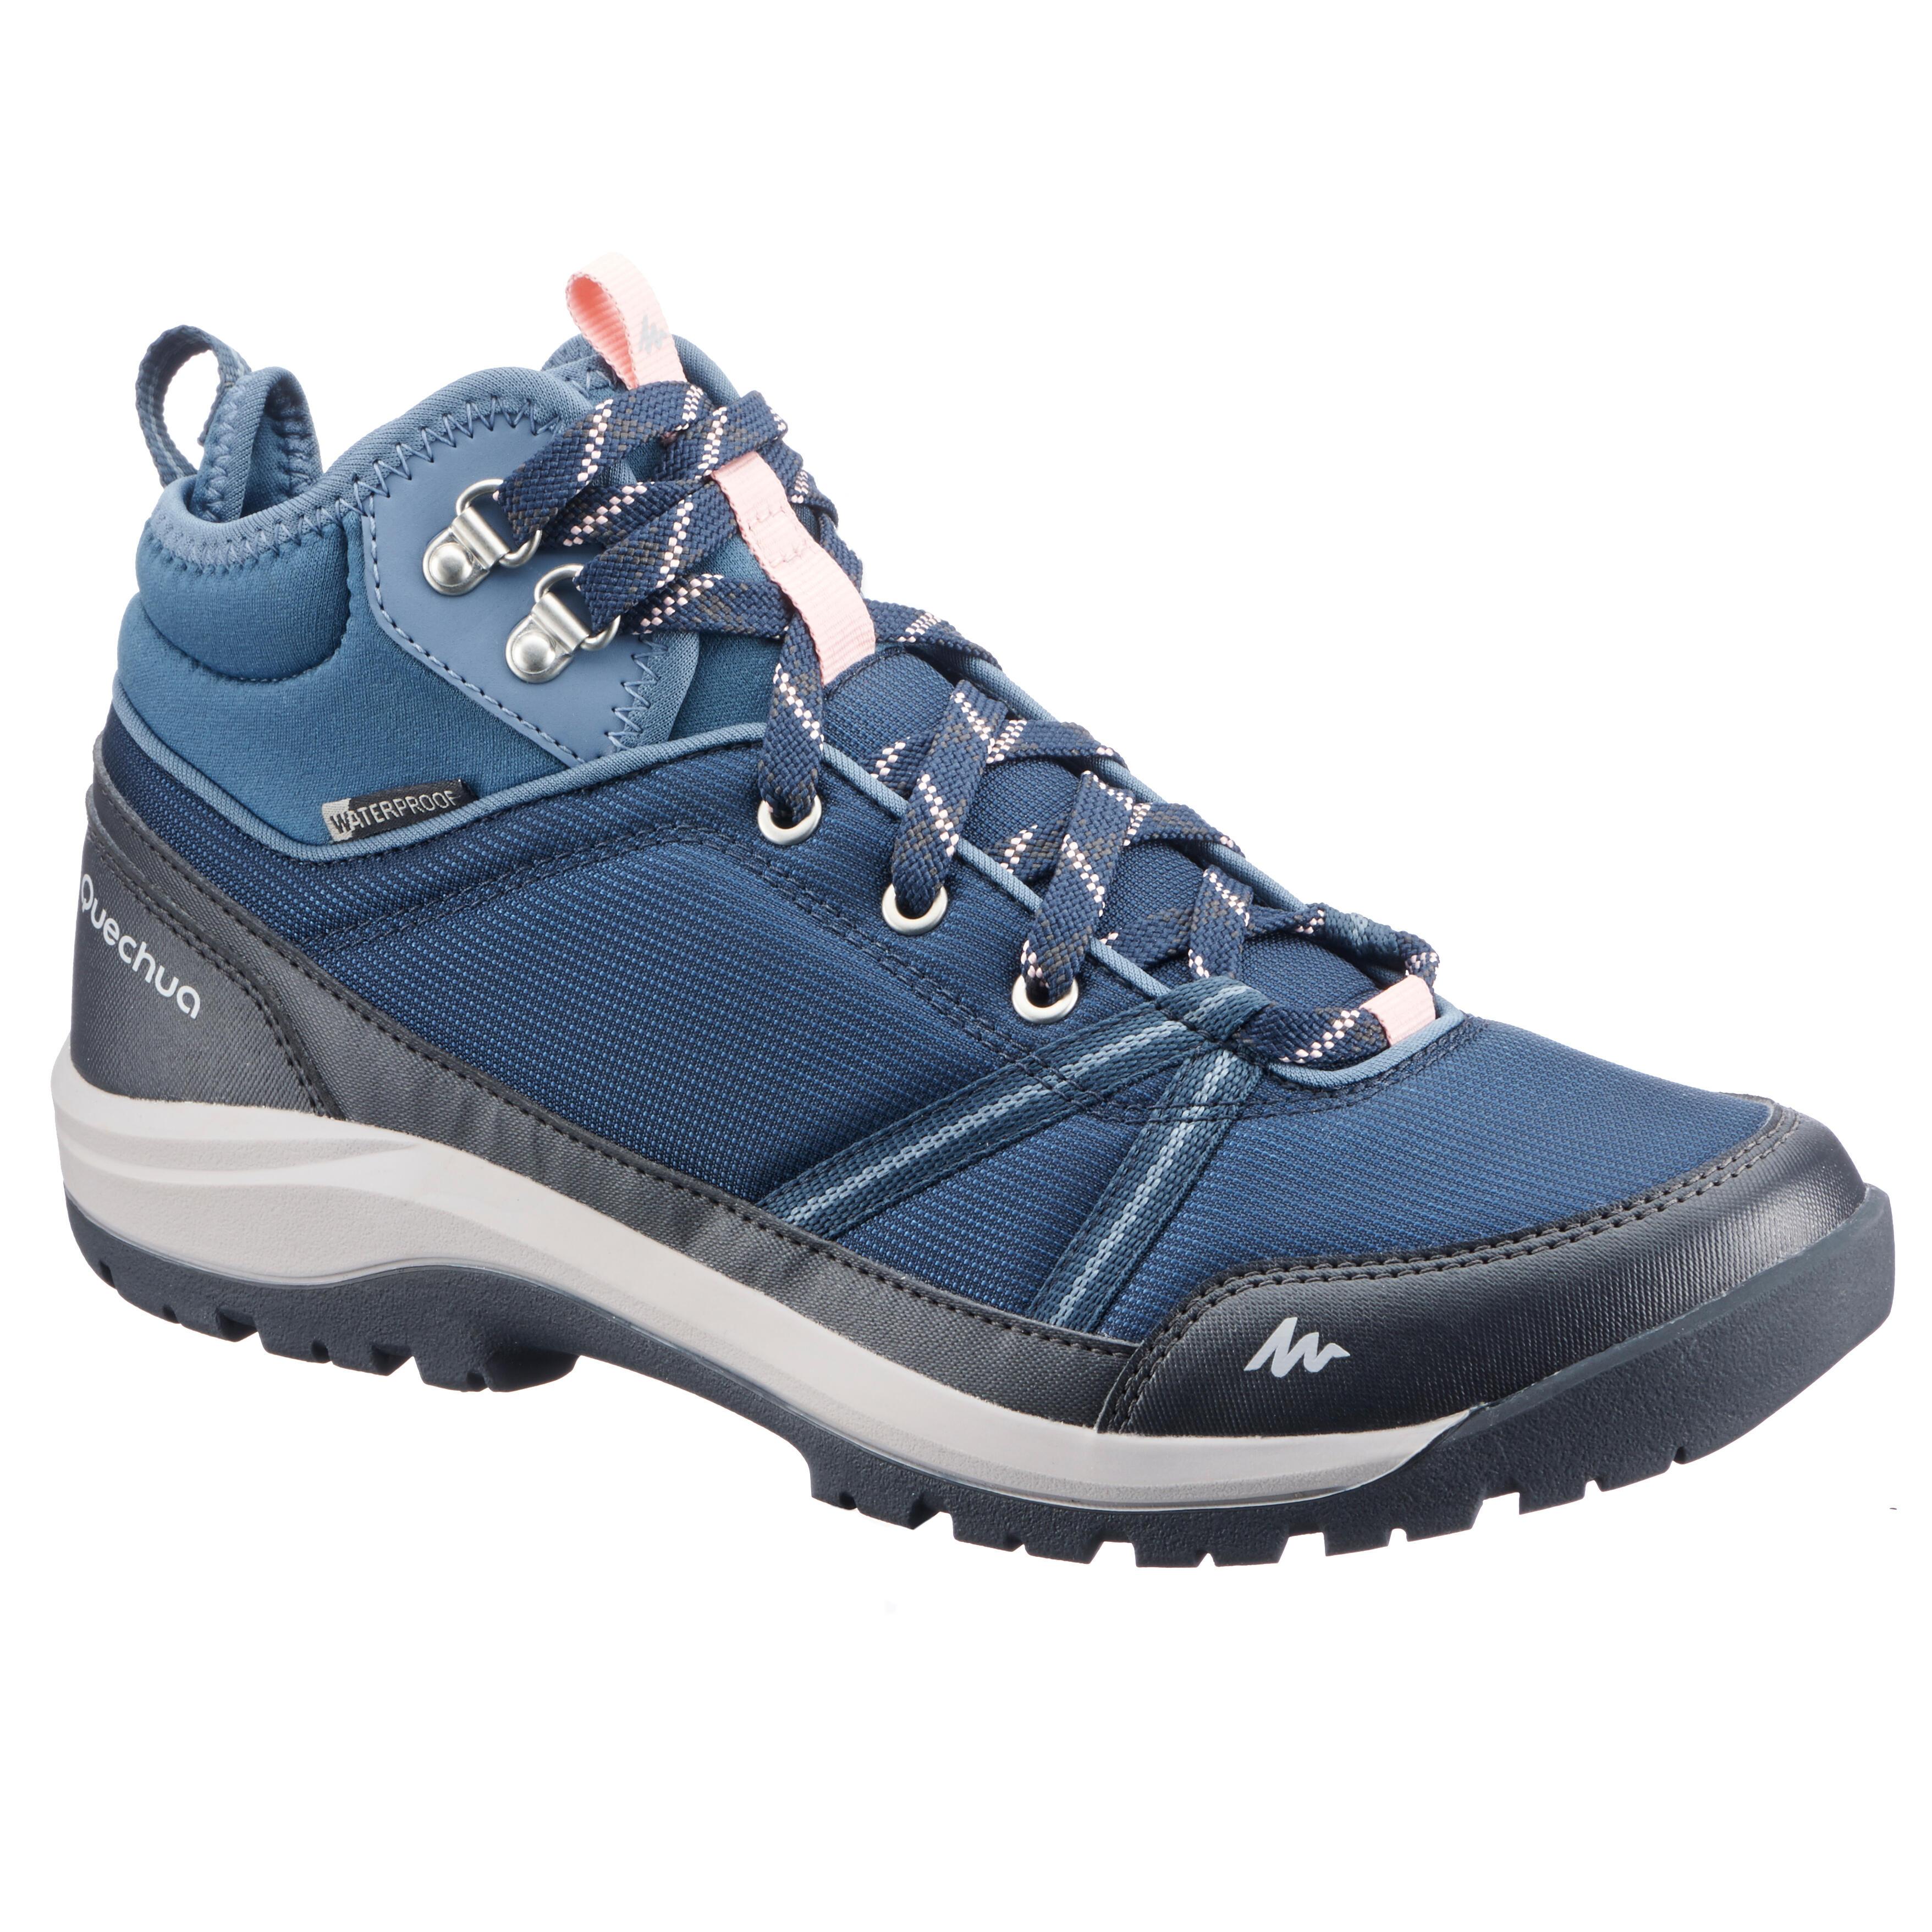 2562738 Quechua Wandelschoenen voor dames NH300 mid waterdicht blauw dames